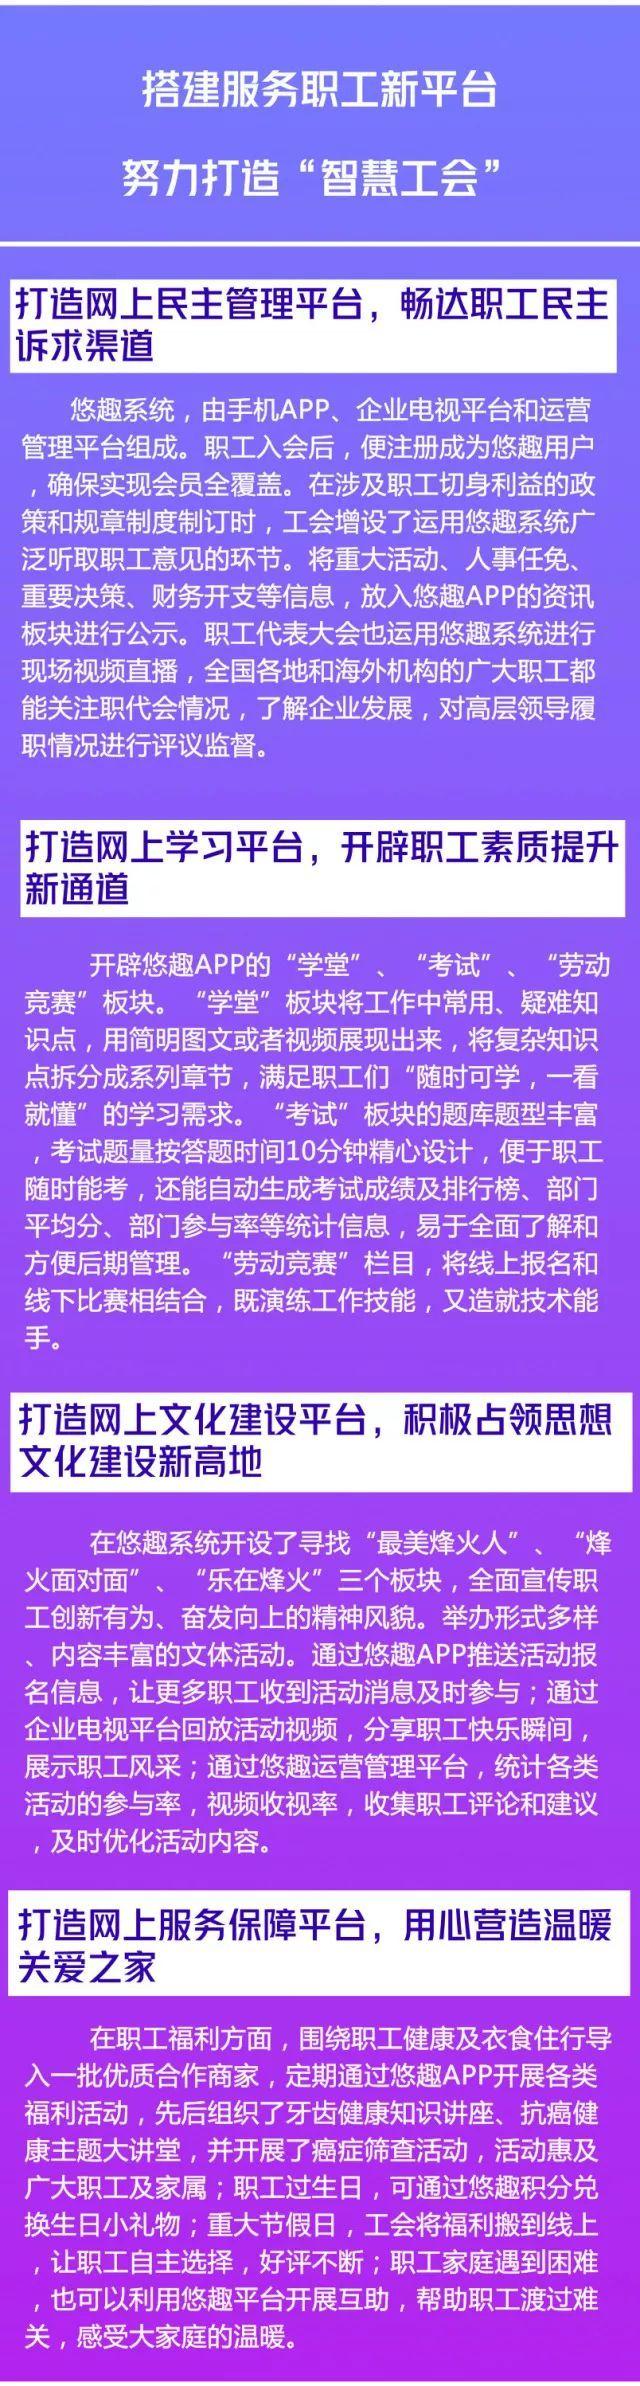 凤凰彩票娱乐平台(5557713.com)